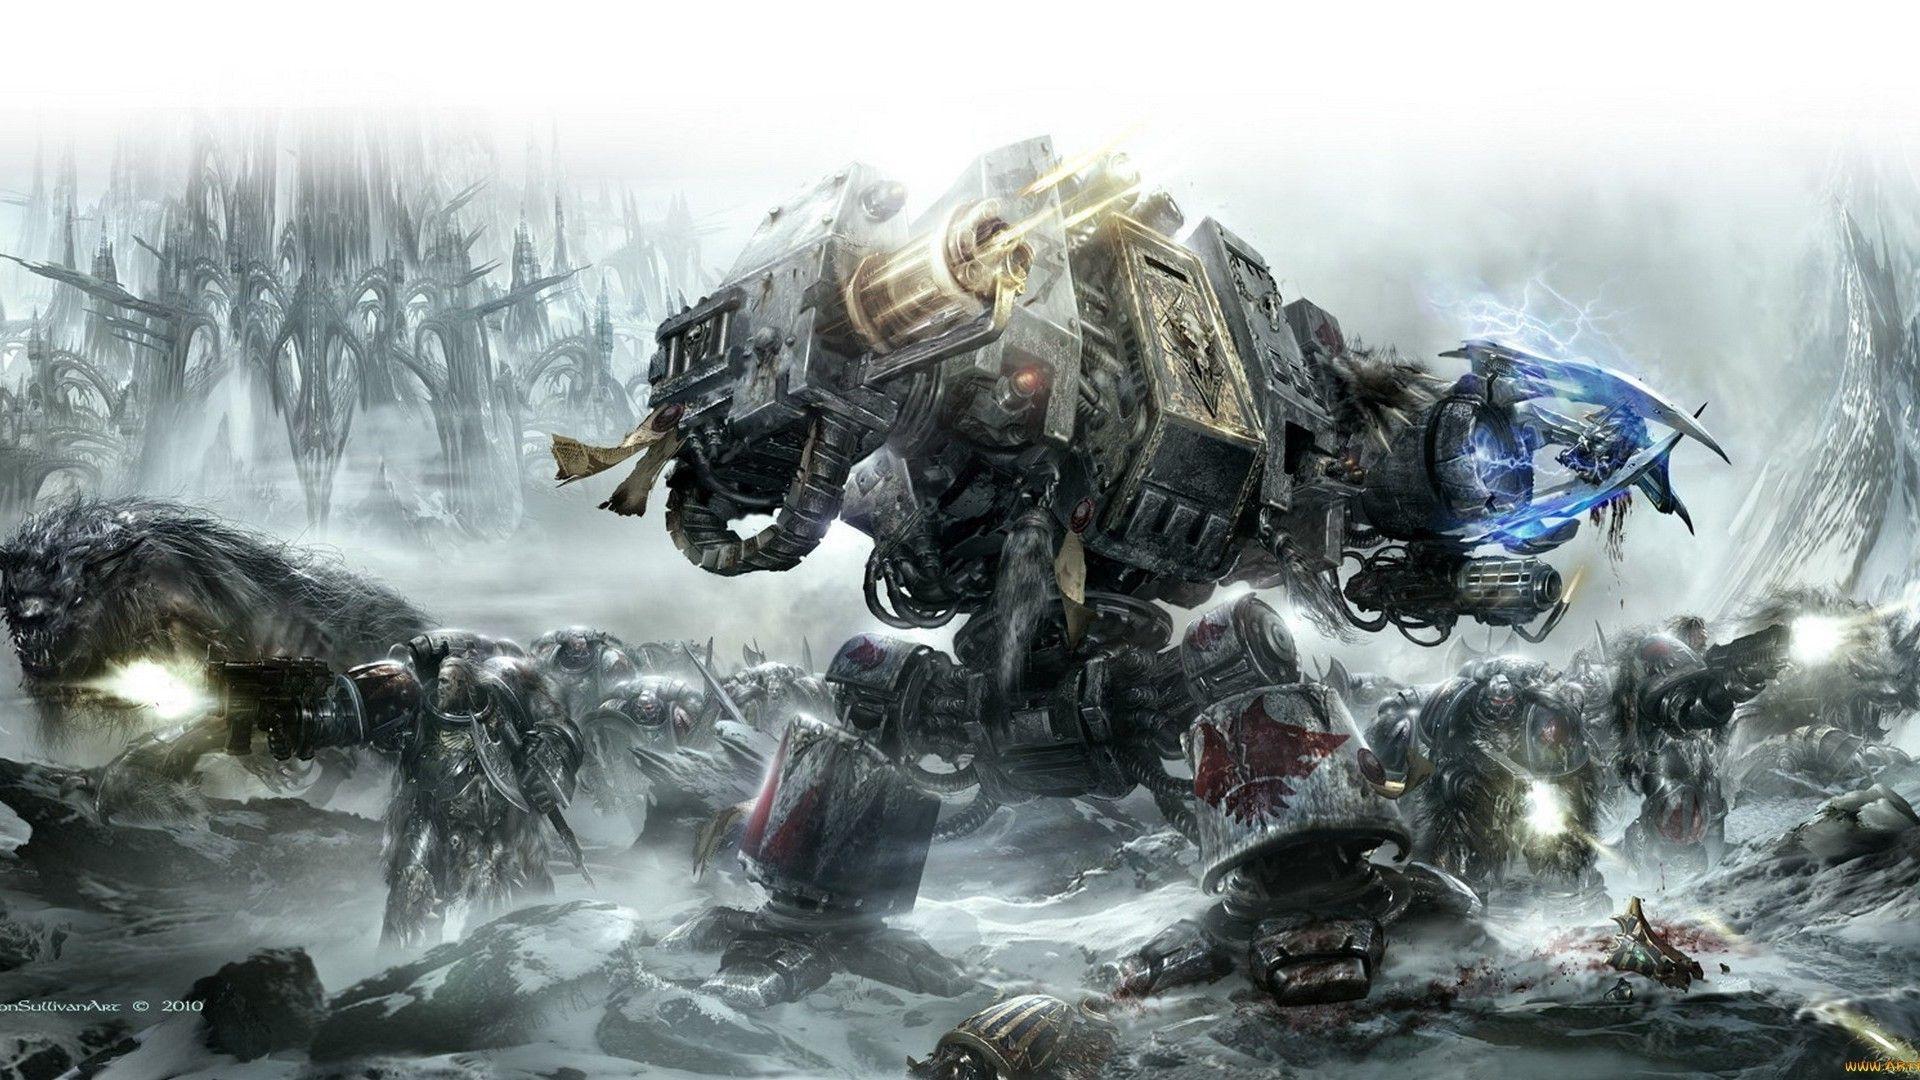 40k Art C1009 Warhammer 40k Space Wolves Warhammer Warhammer 40k [ 1080 x 1920 Pixel ]